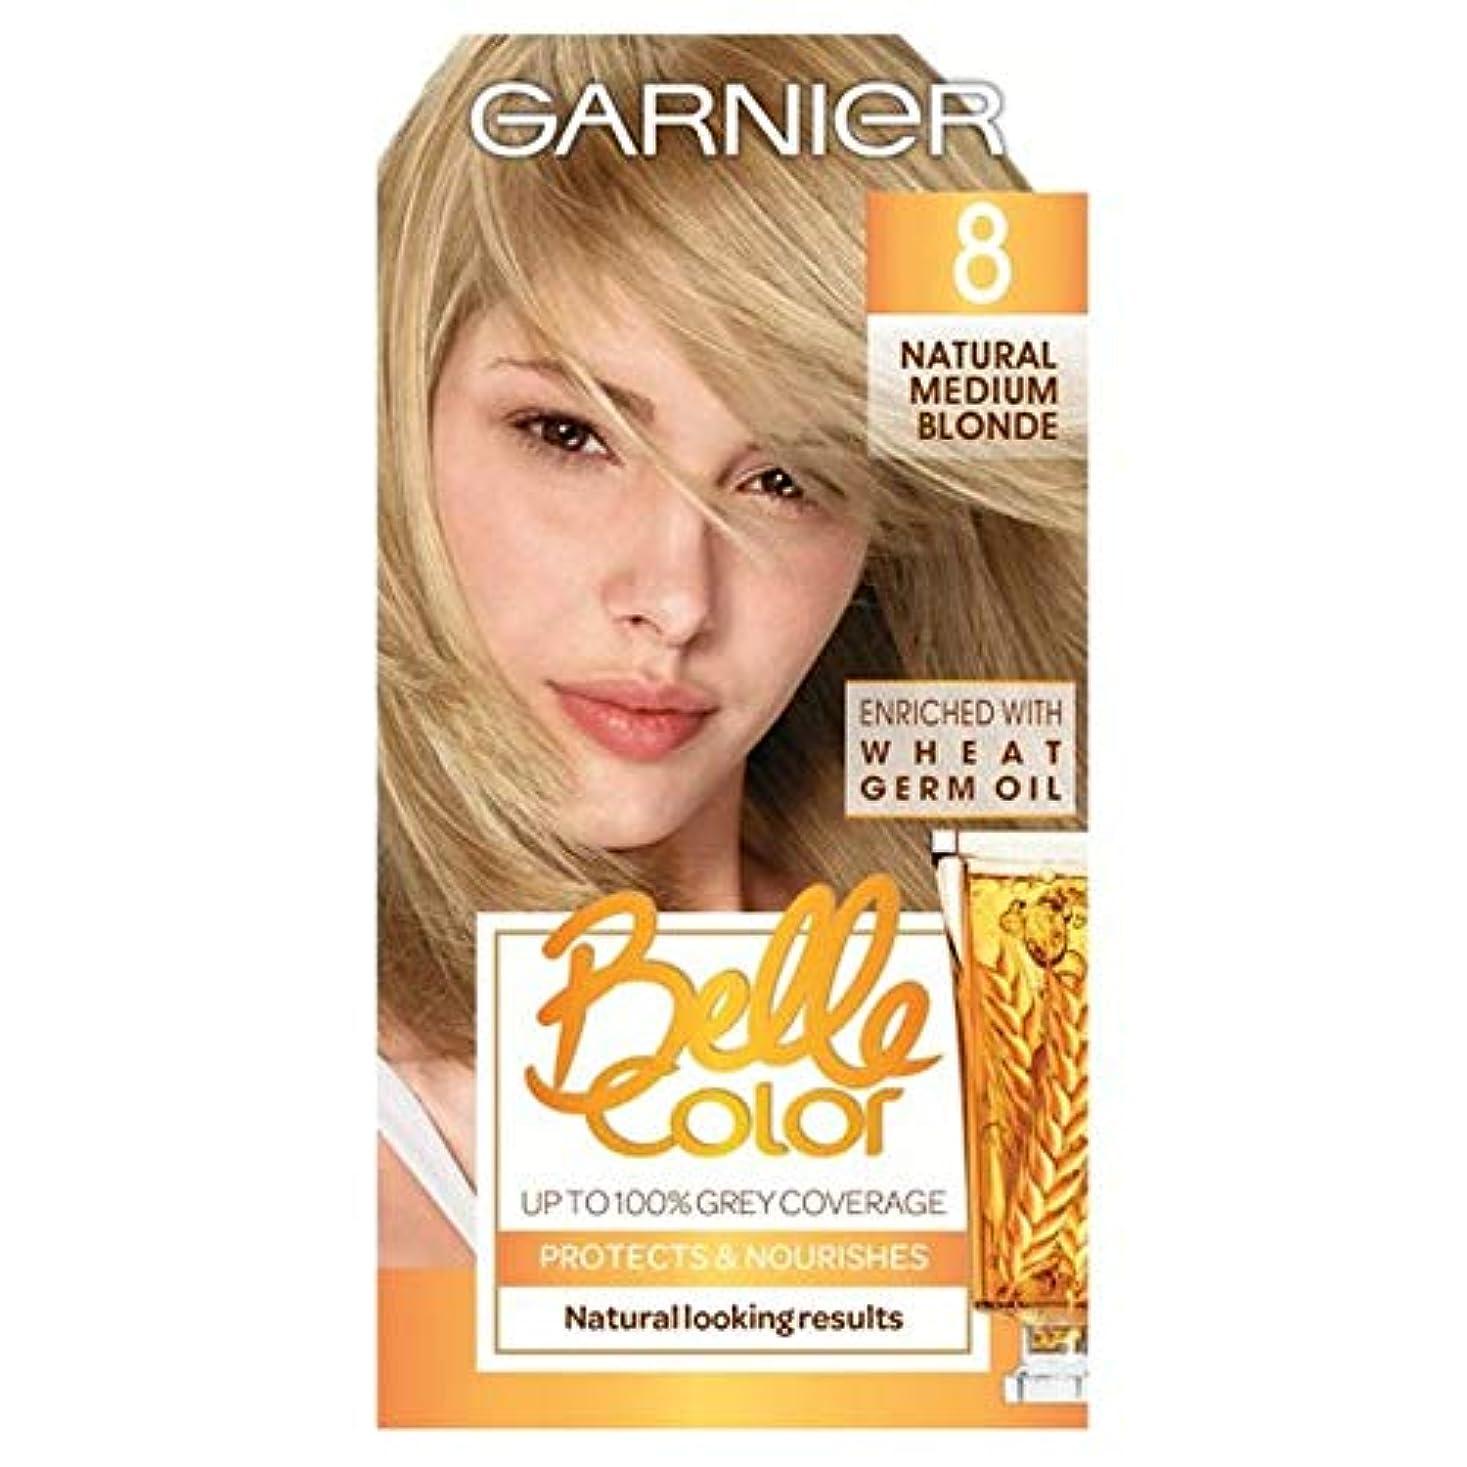 協力的頼る証明する[Belle Color ] ガーン/ベル/Clr 8天然培地ブロンドパーマネントヘアダイ - Garn/Bel/Clr 8 Natural Medium Blonde Permanent Hair Dye [並行輸入品]